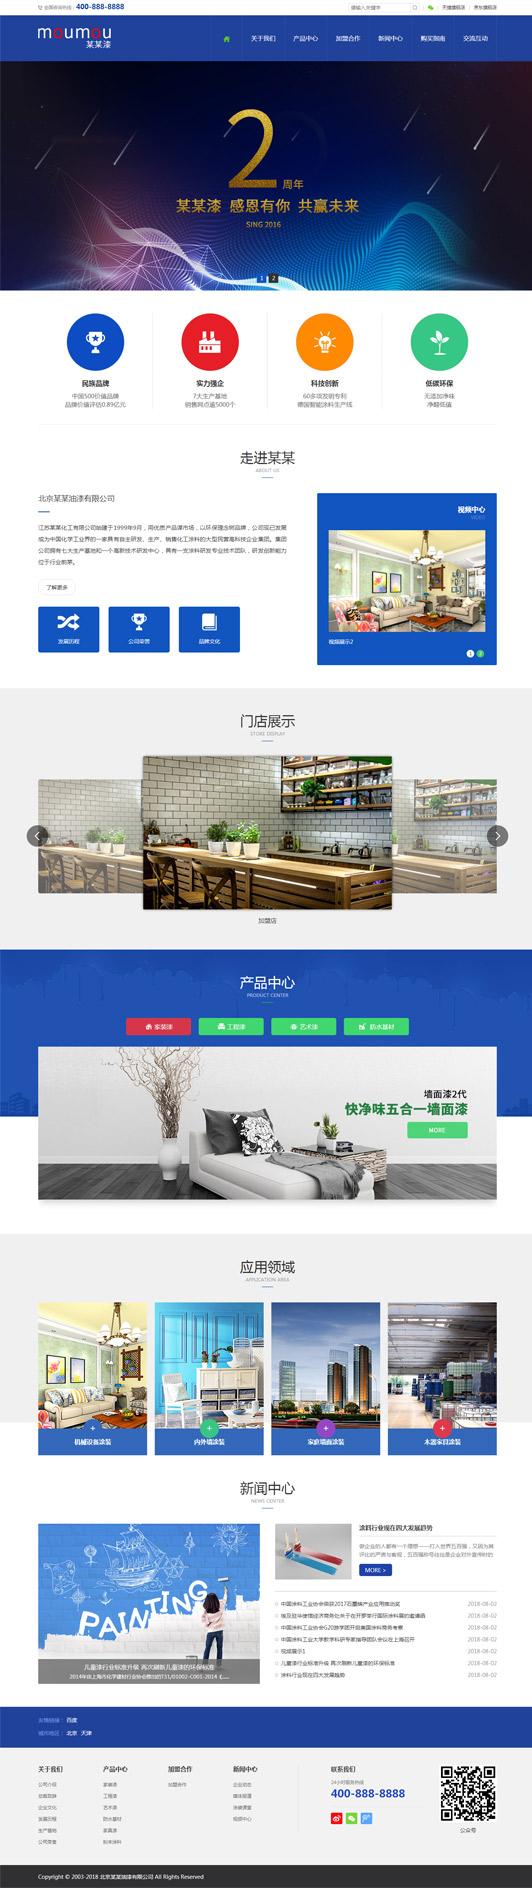 涂料开发生产公司网站营销式模板